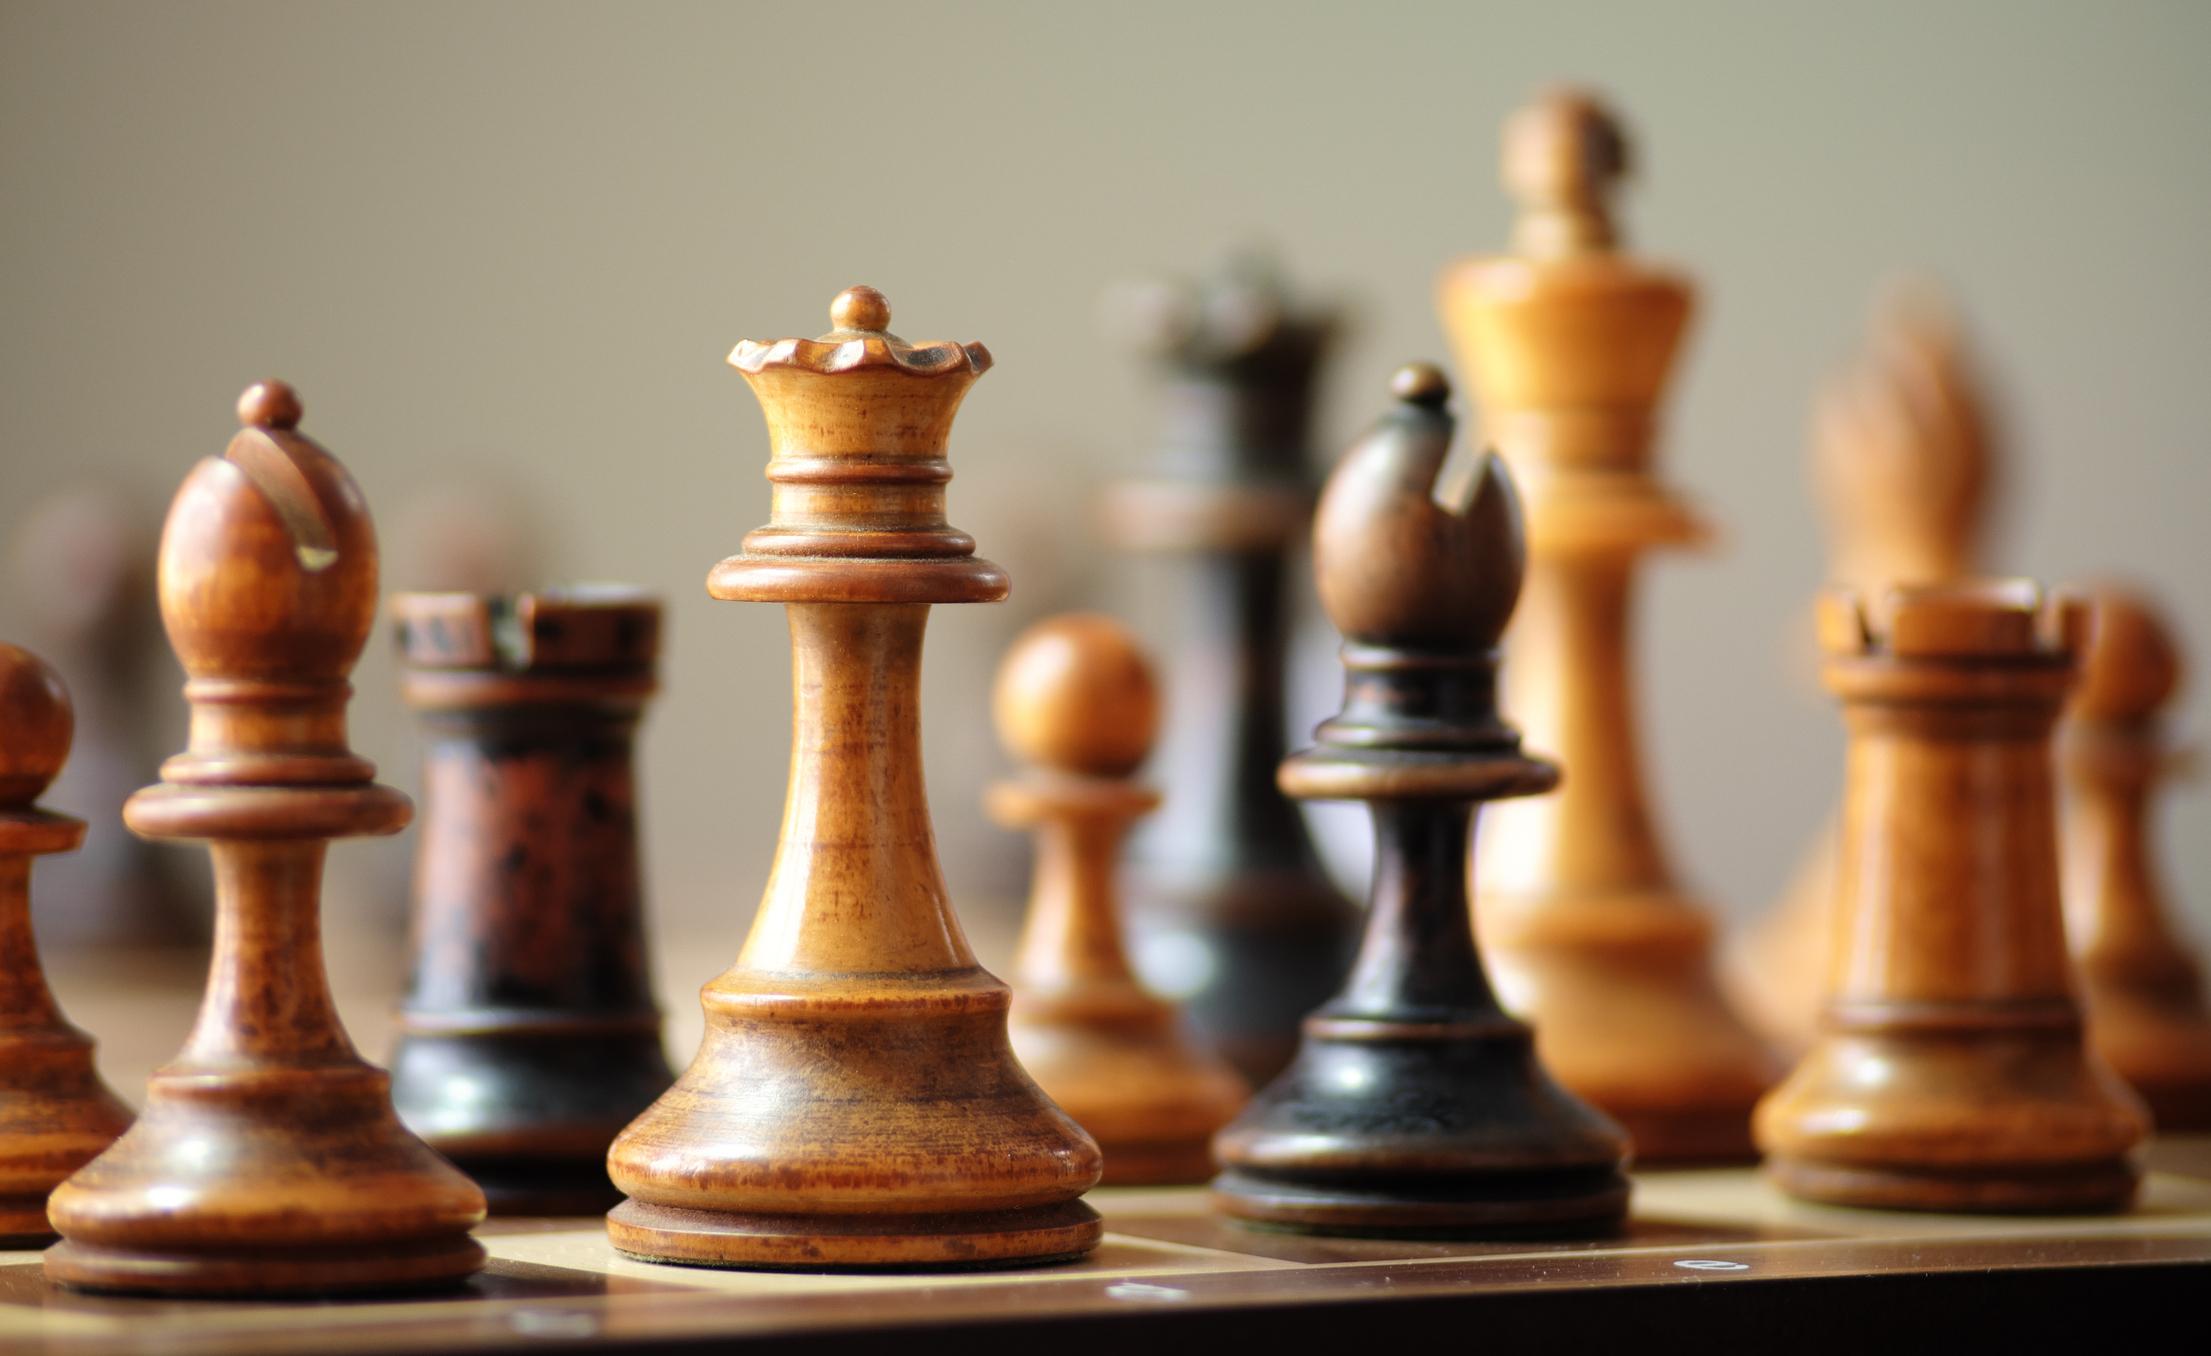 A chess set.